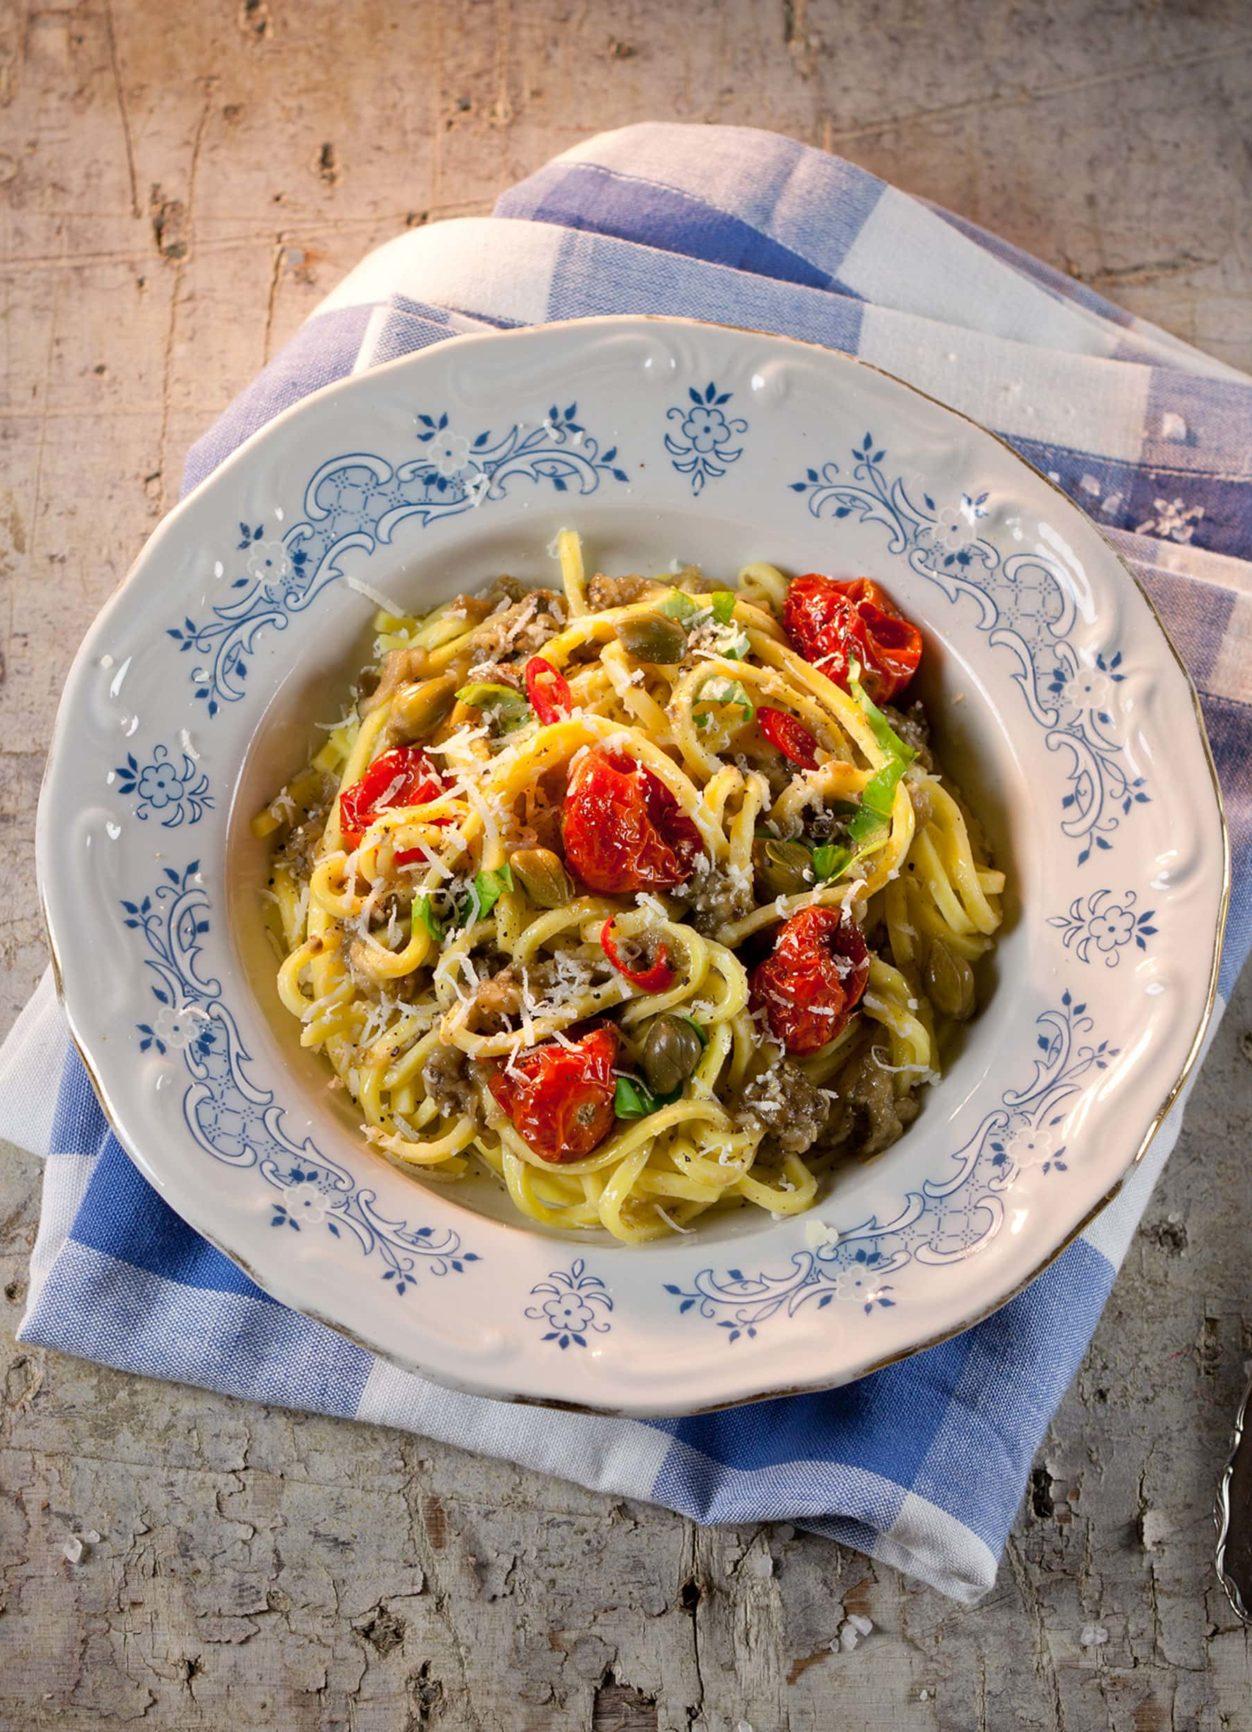 Pasta alla Norma mit gebratener Melanzani und Tomaten